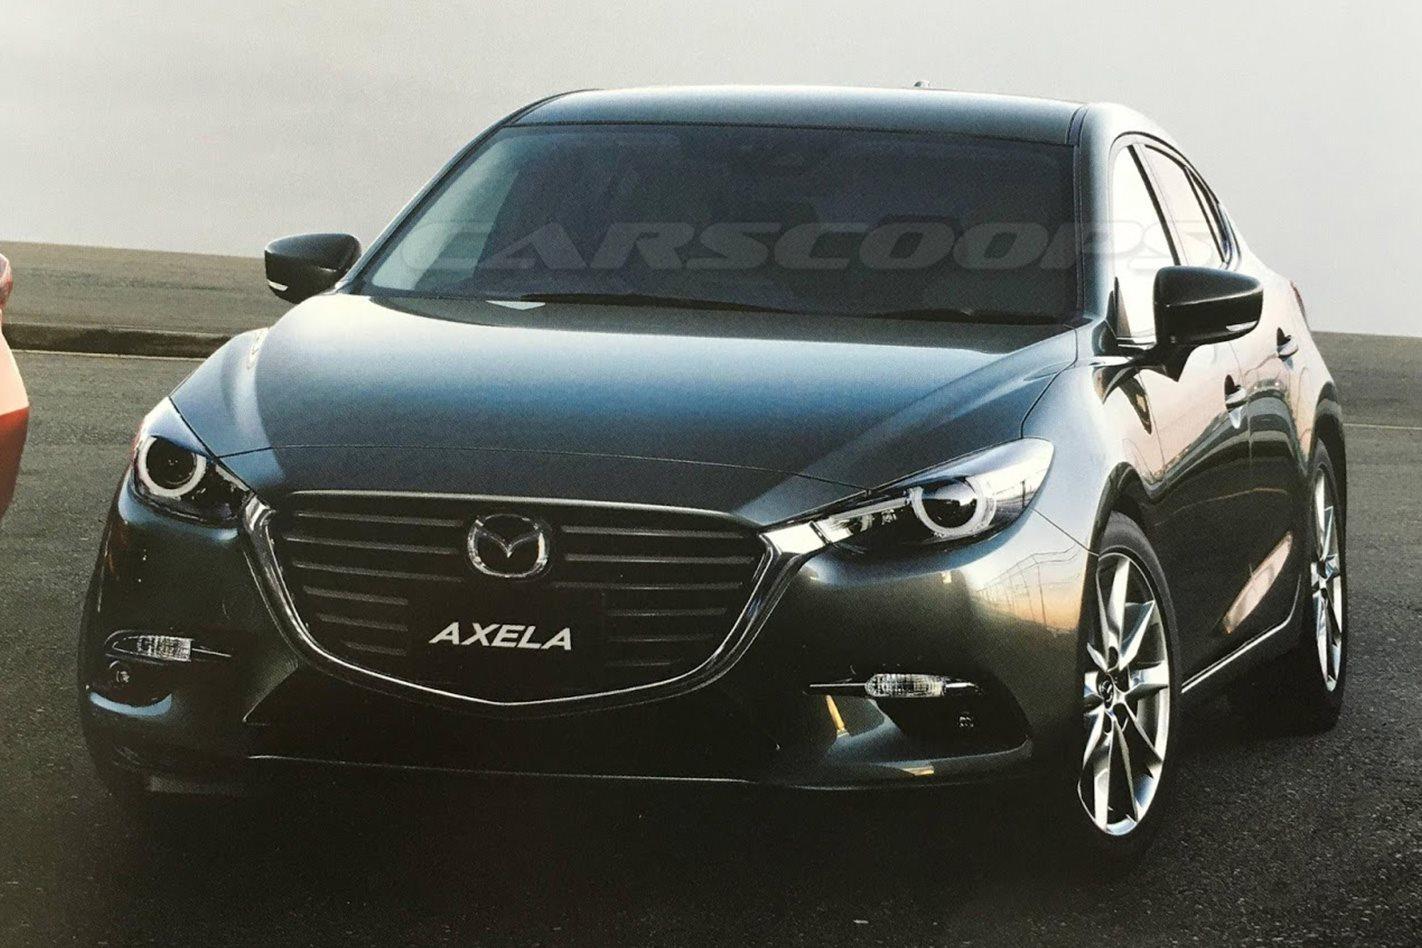 Mazda 3 Facelift Image Leaked